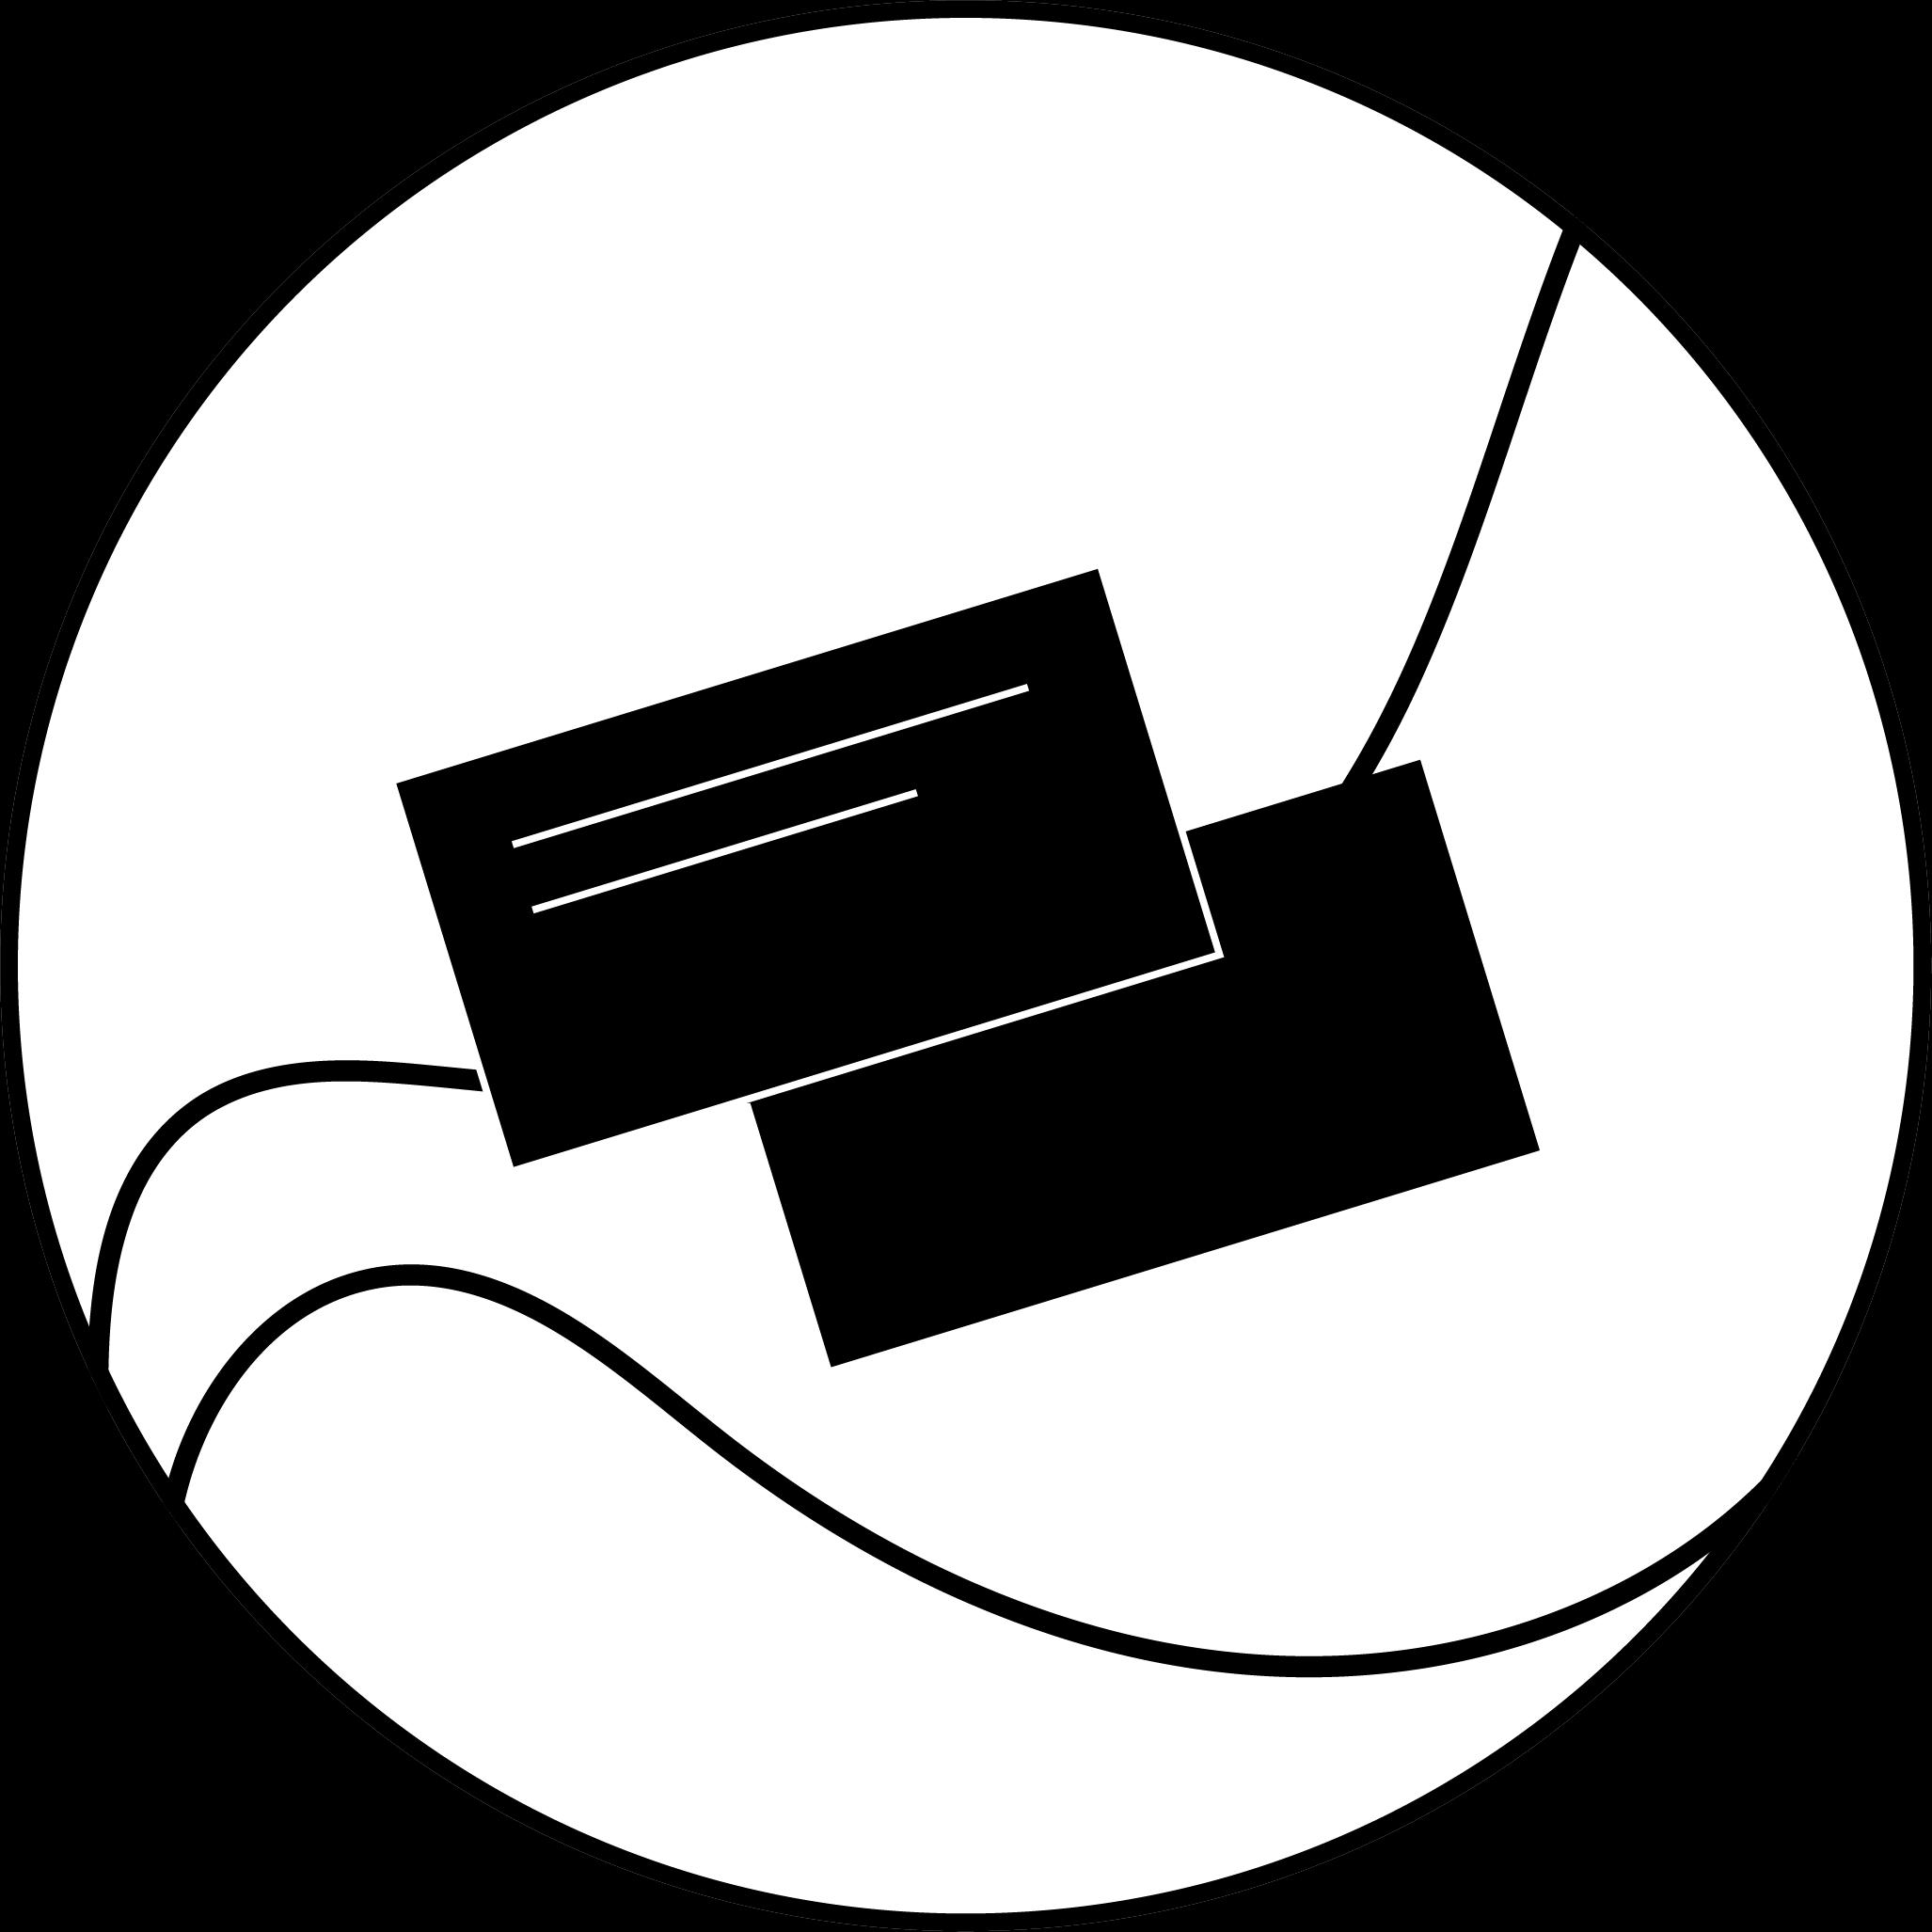 Immagine-coordinata-percorso-progettazione-identità-visiva-by-Laura-Calascibetta-graphic-designer